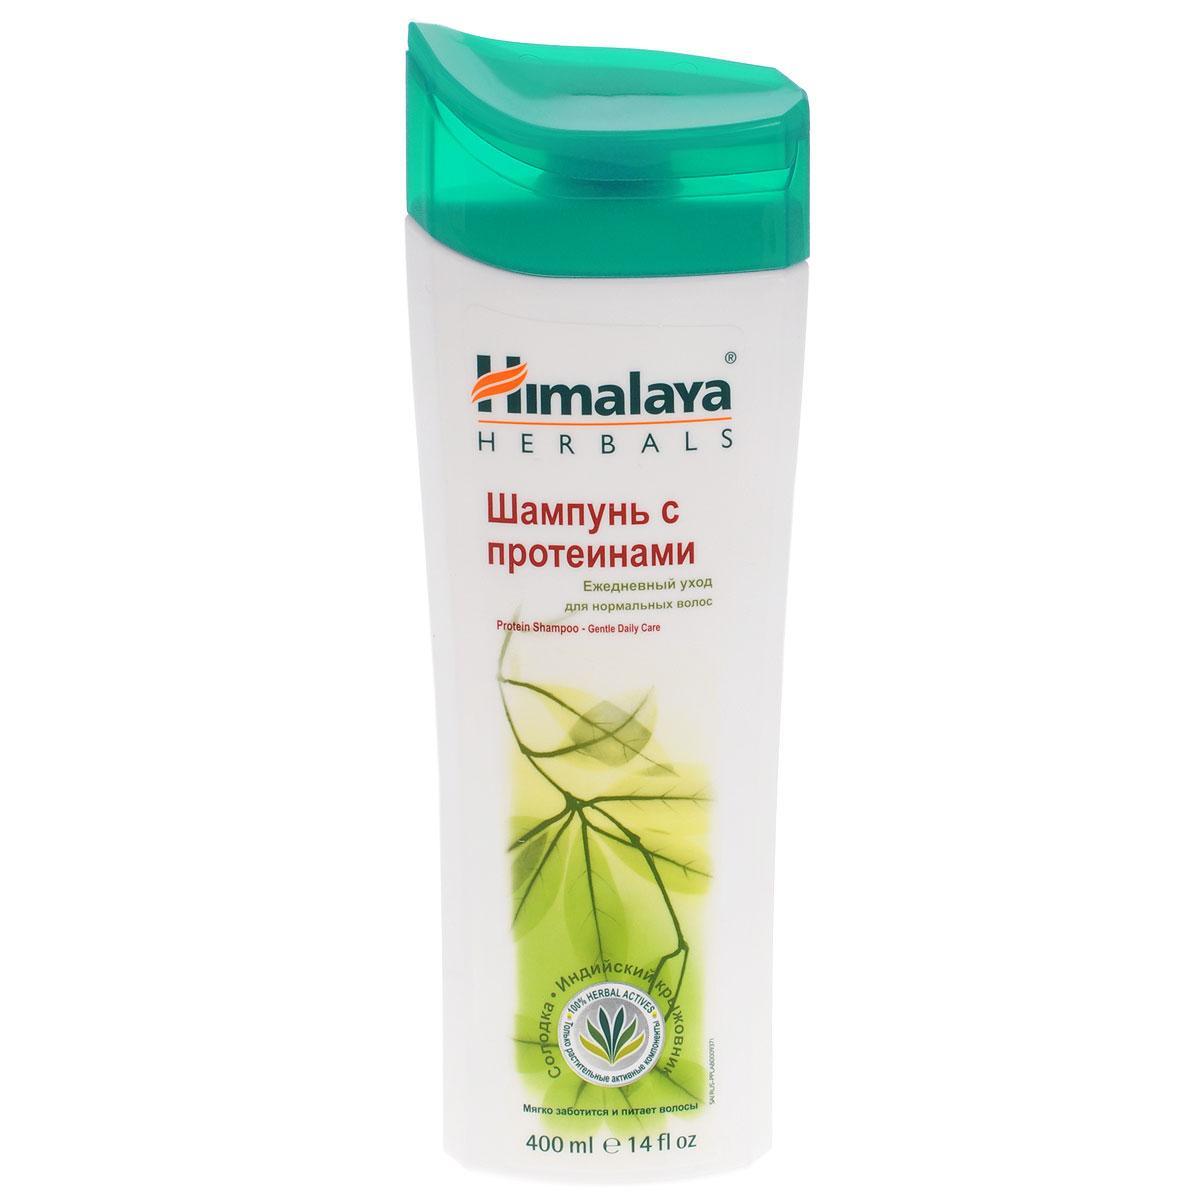 Himalaya Herbals Шампунь с протеинами Ежедневный уход, 400мл903419202Нежно очищает волосы, одновременно обогащает их необходимыми природными белками. Волосы становятся мягкими и шелковистыми.